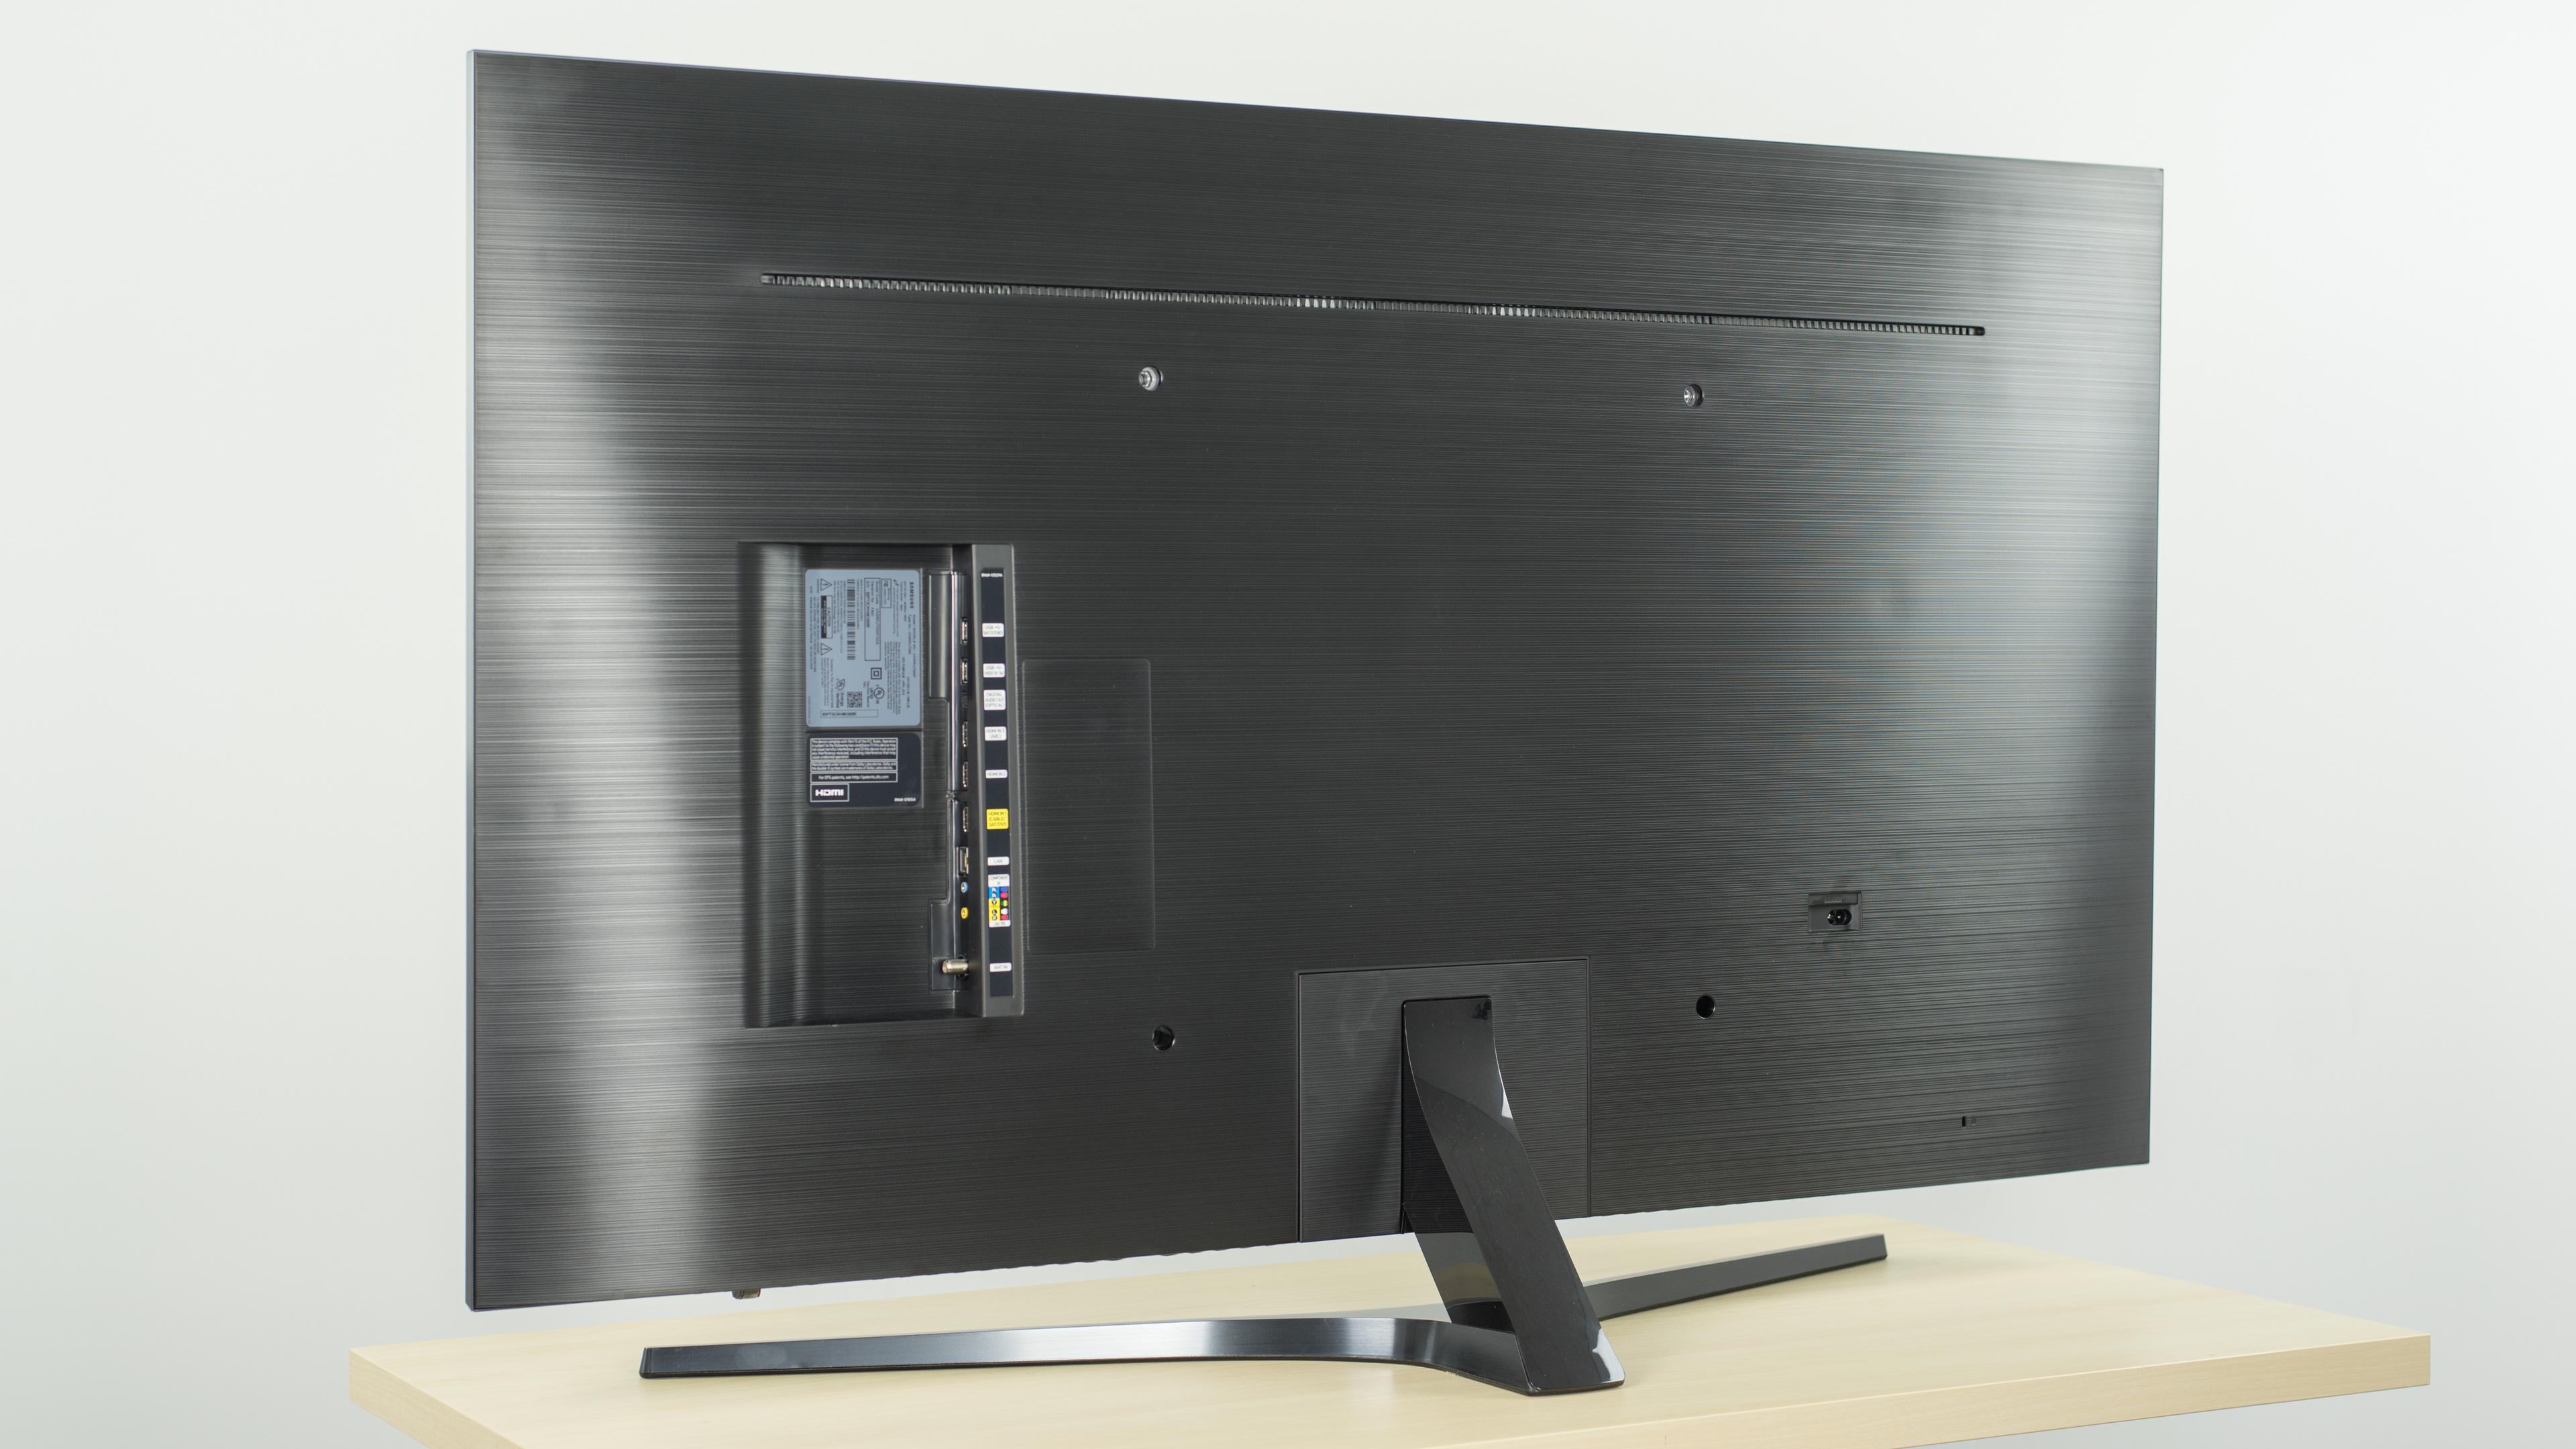 מגניב ביותר Samsung KU7000 Review (UN40KU7000, UN43KU7000, UN49KU7000 VZ-31